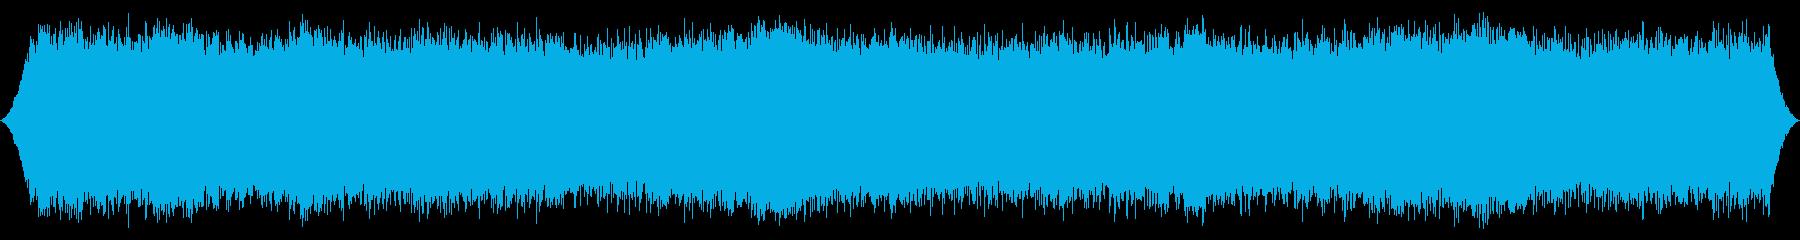 強風:軽い破片が吹き荒れる厚いガスト音の再生済みの波形